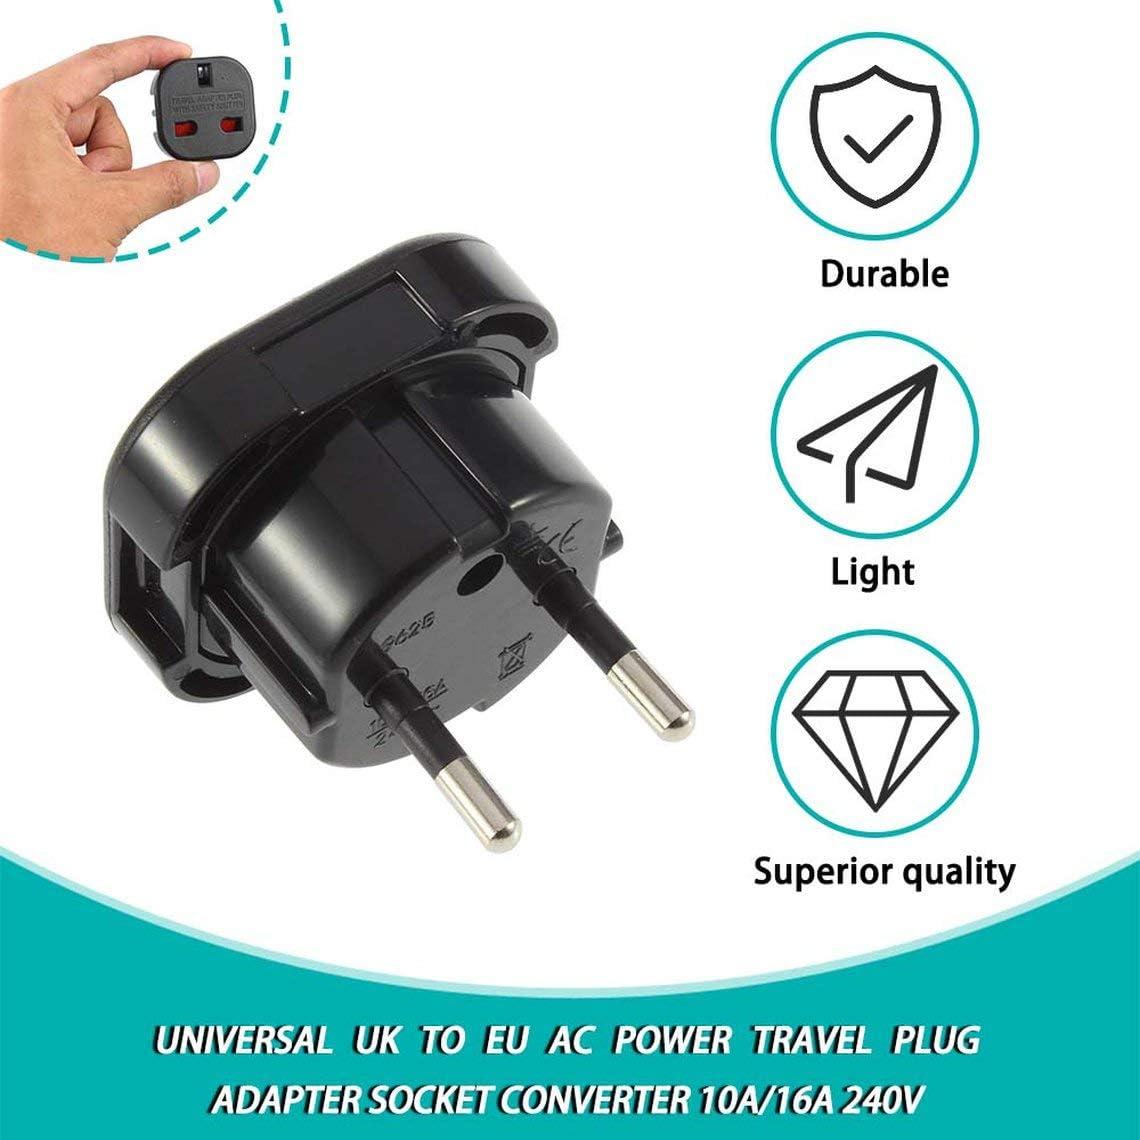 Reino Unido a UE 240 V Zinniaya Port/átil Adaptador Convertidor Negro Viaje 10 A // 16 A Enchufe Enchufe Corriente de CA Universal Travel Pared